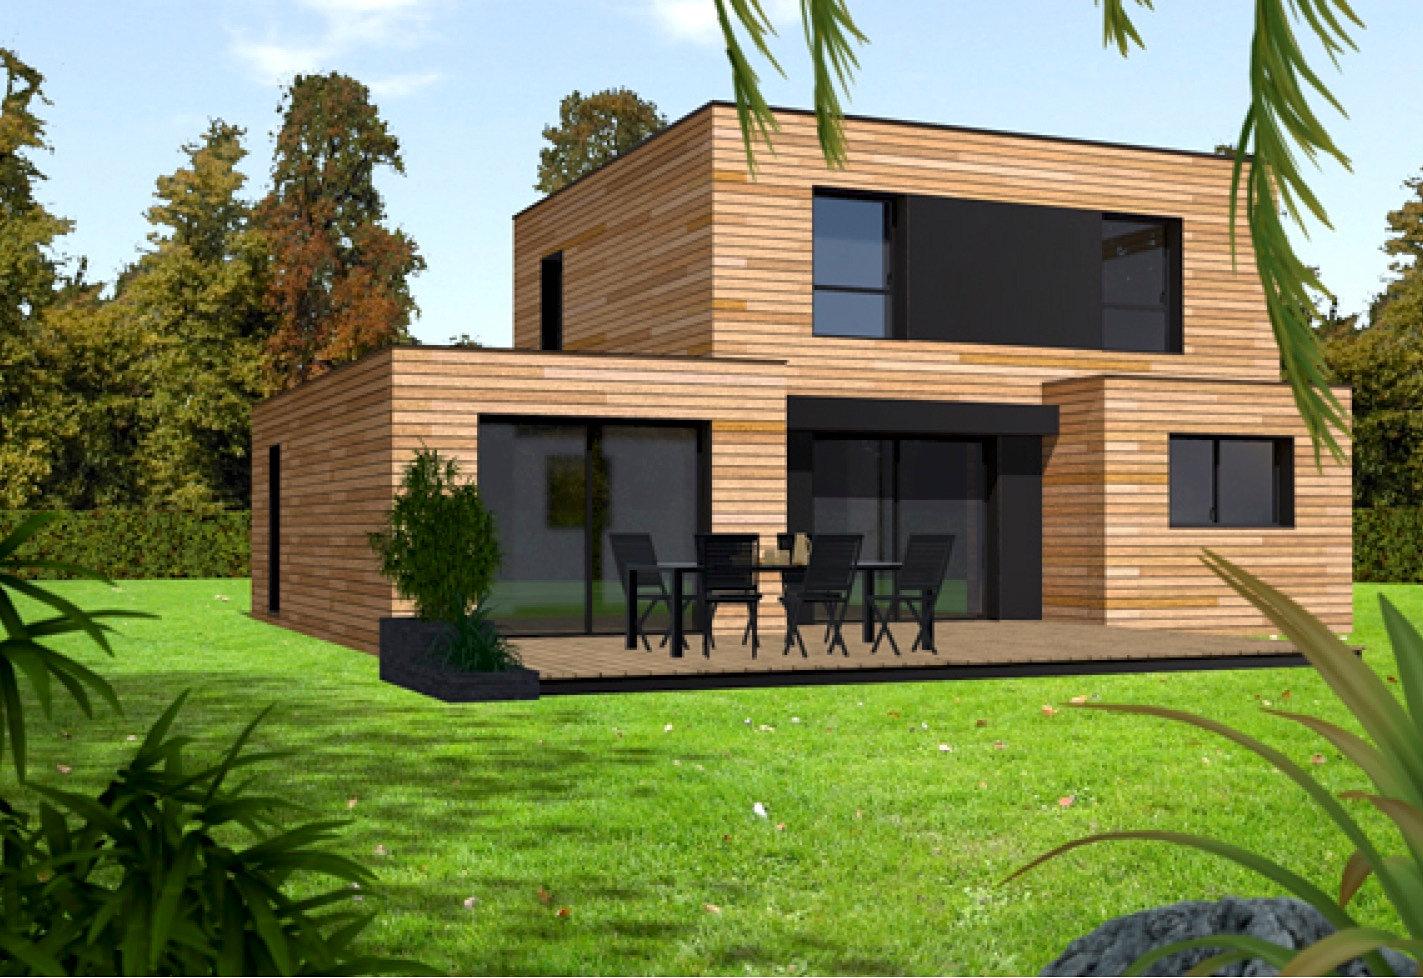 Constructeur ccmi maison bois paris ile de france oise val for Constructeurs de maisons en bois 22